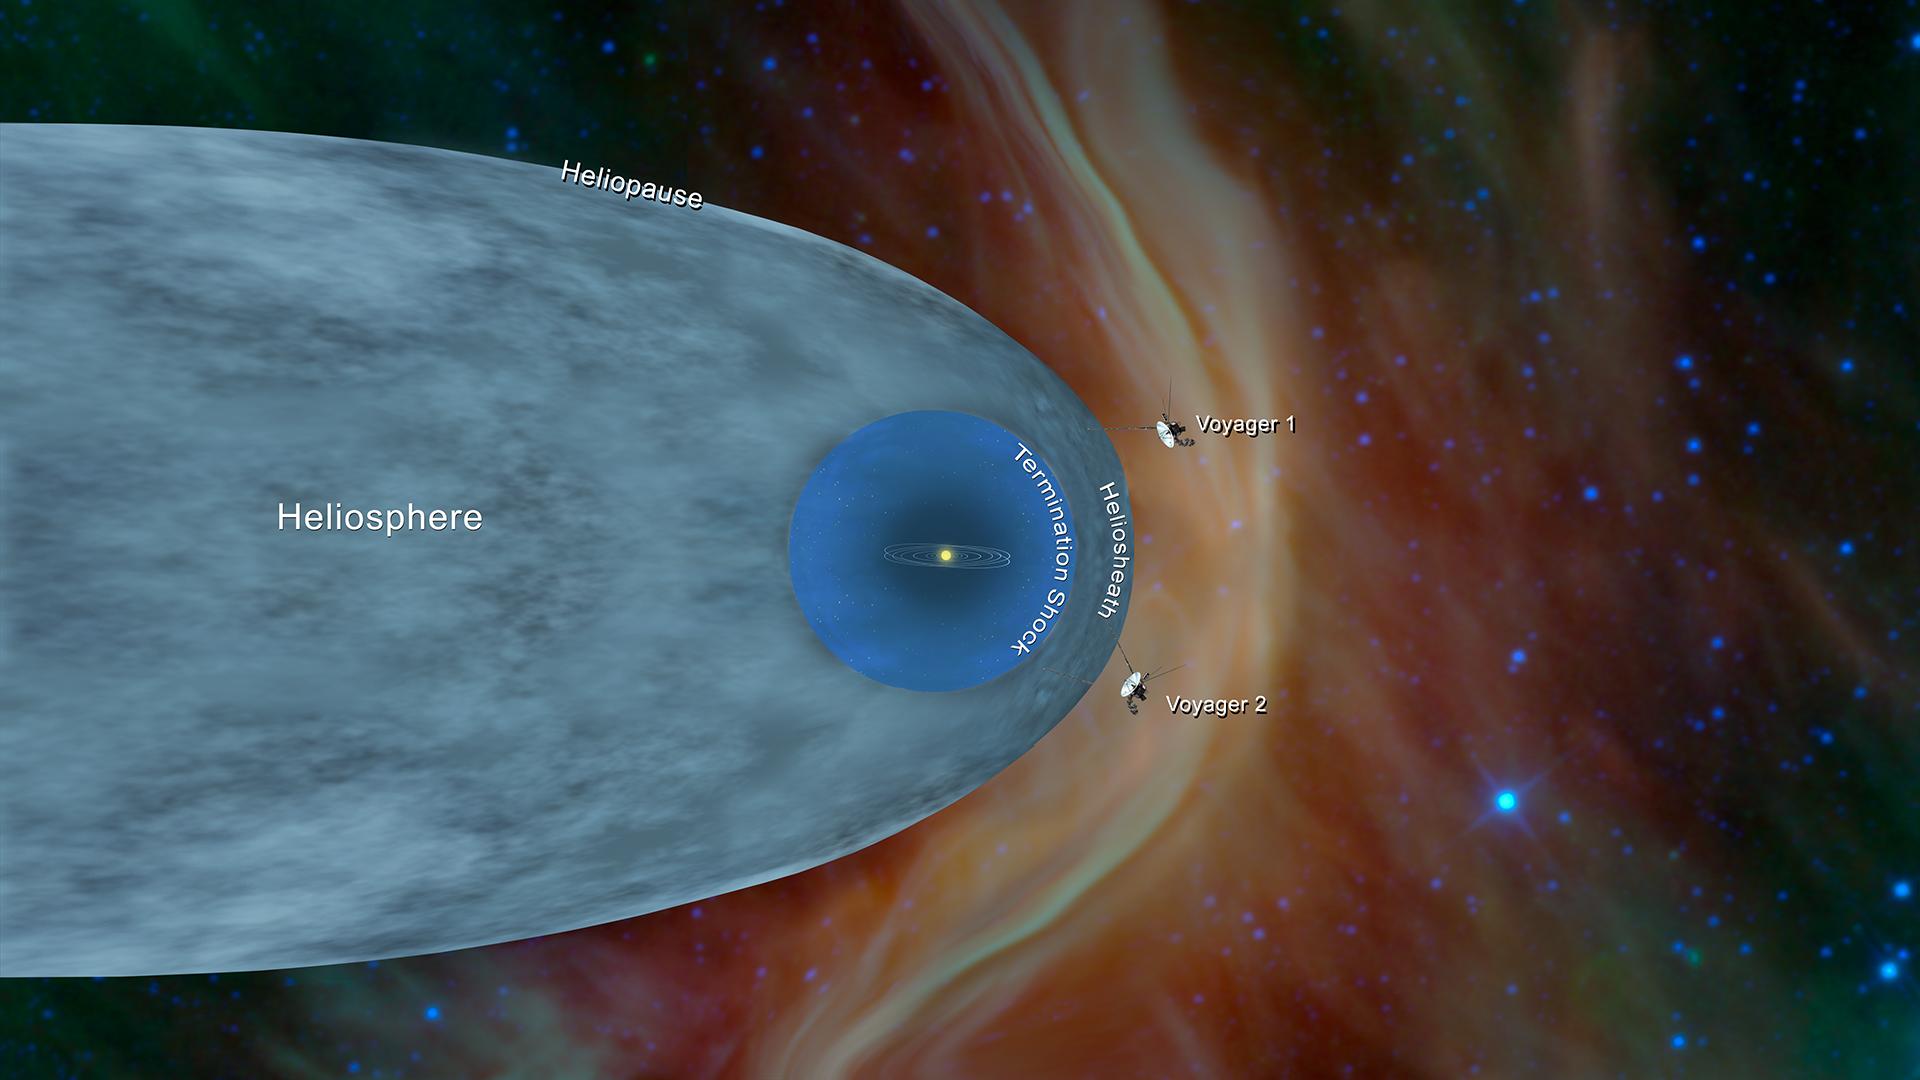 Posición de las sondas Voyager 1 y Voyager 2 de la NASA, fuera de la heliosfera